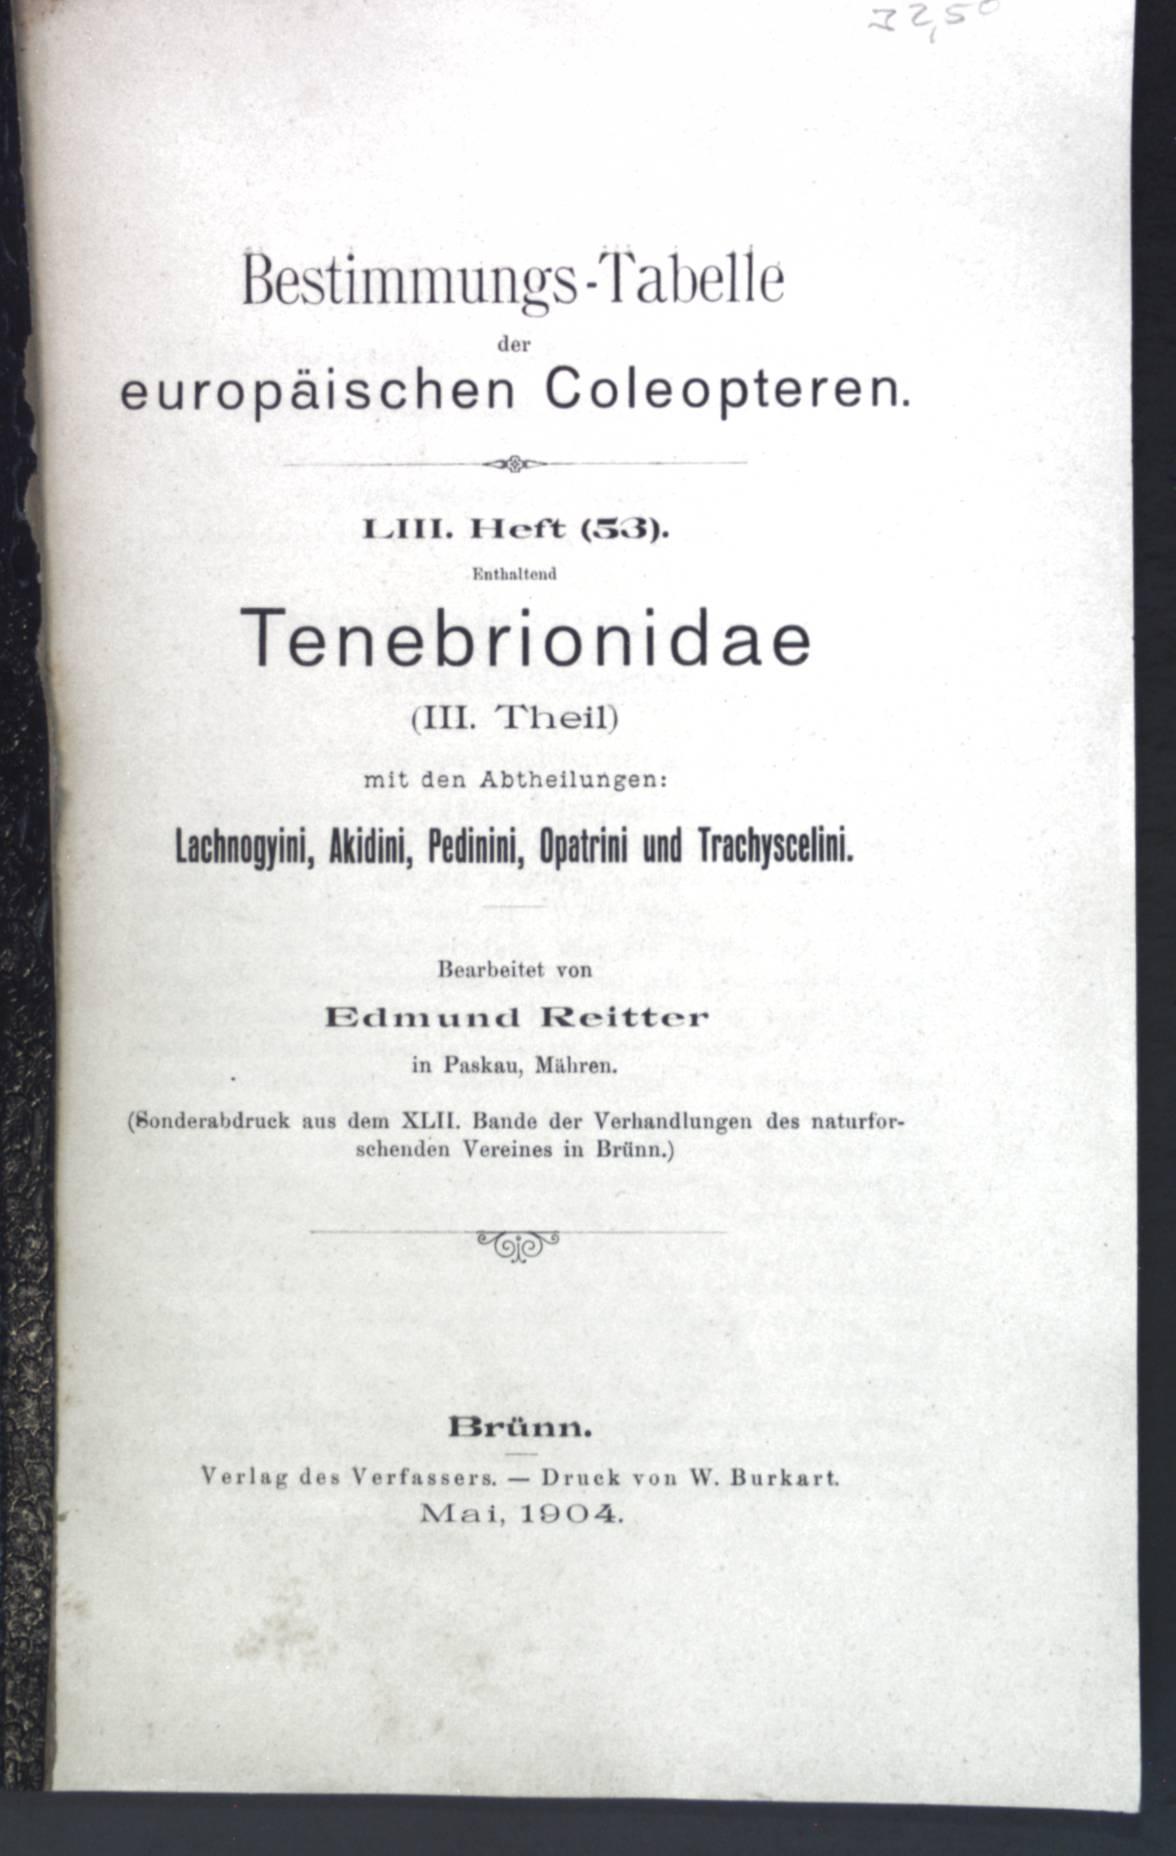 Bestimmungs-Tabelle der europäischen Coleopteren LIII. Heft enthaltend: Reitter, Edmund: